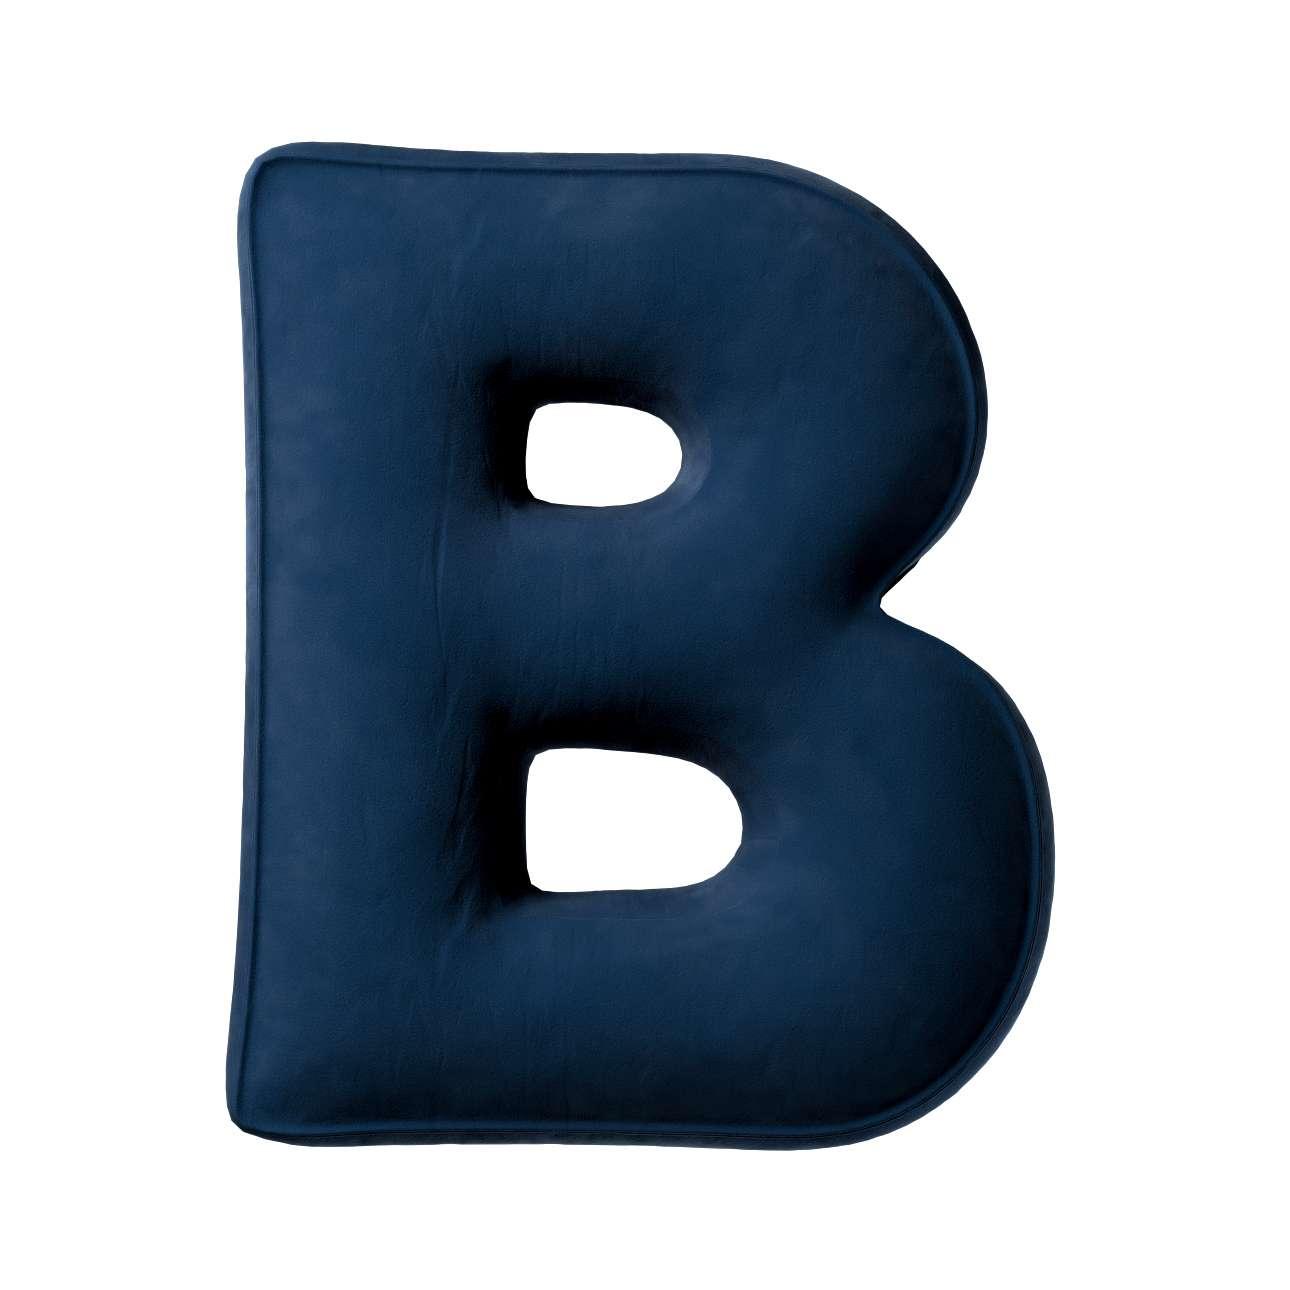 Buchstabenkissen B von der Kollektion Posh Velvet, Stoff: 704-29